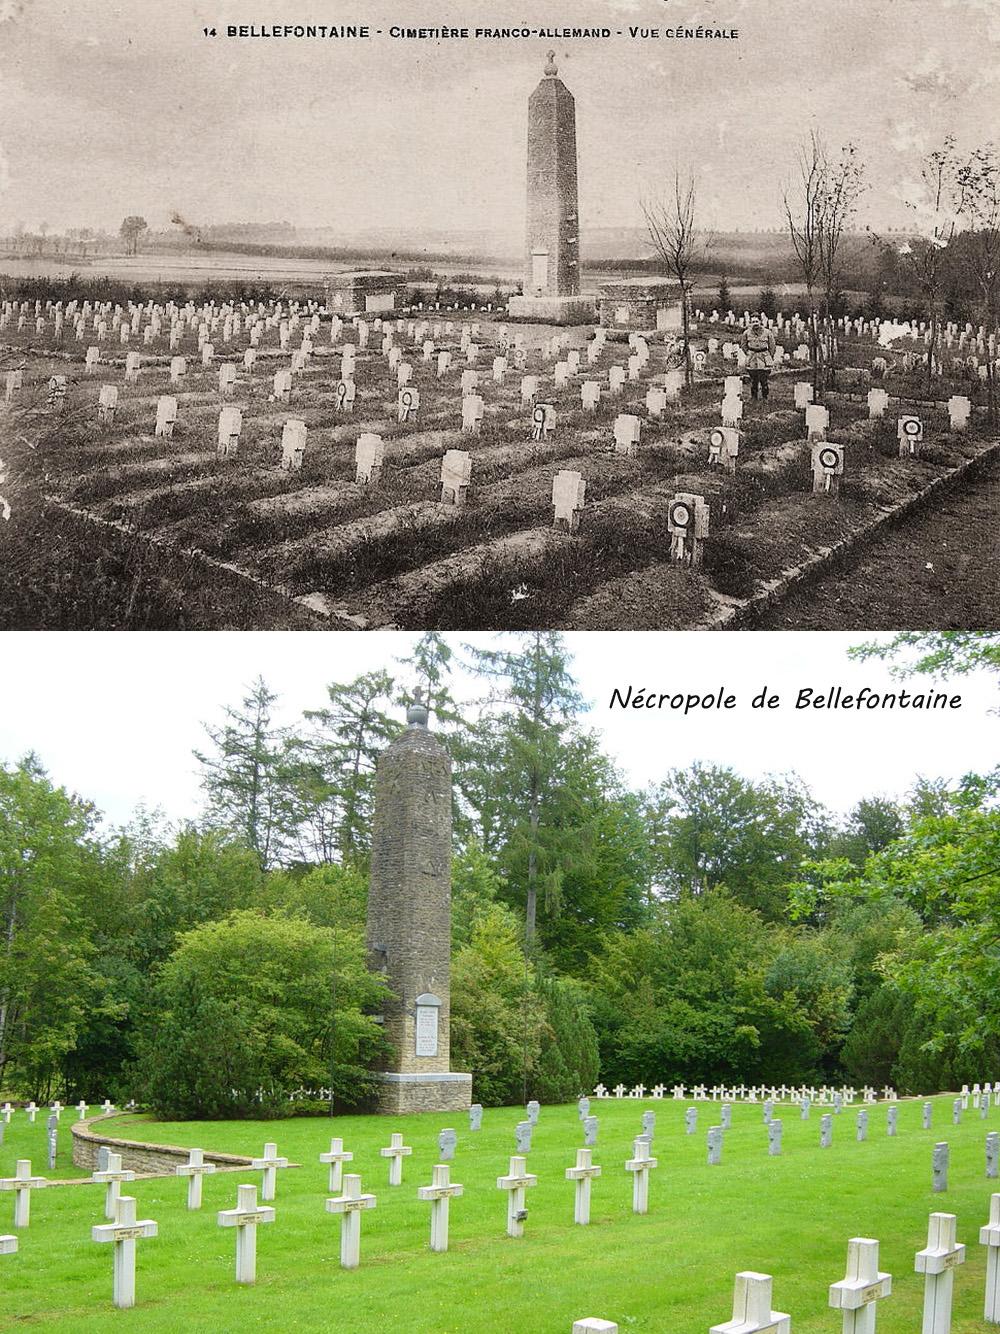 bellefontaine cimetière franco allemand actuel et après guerre